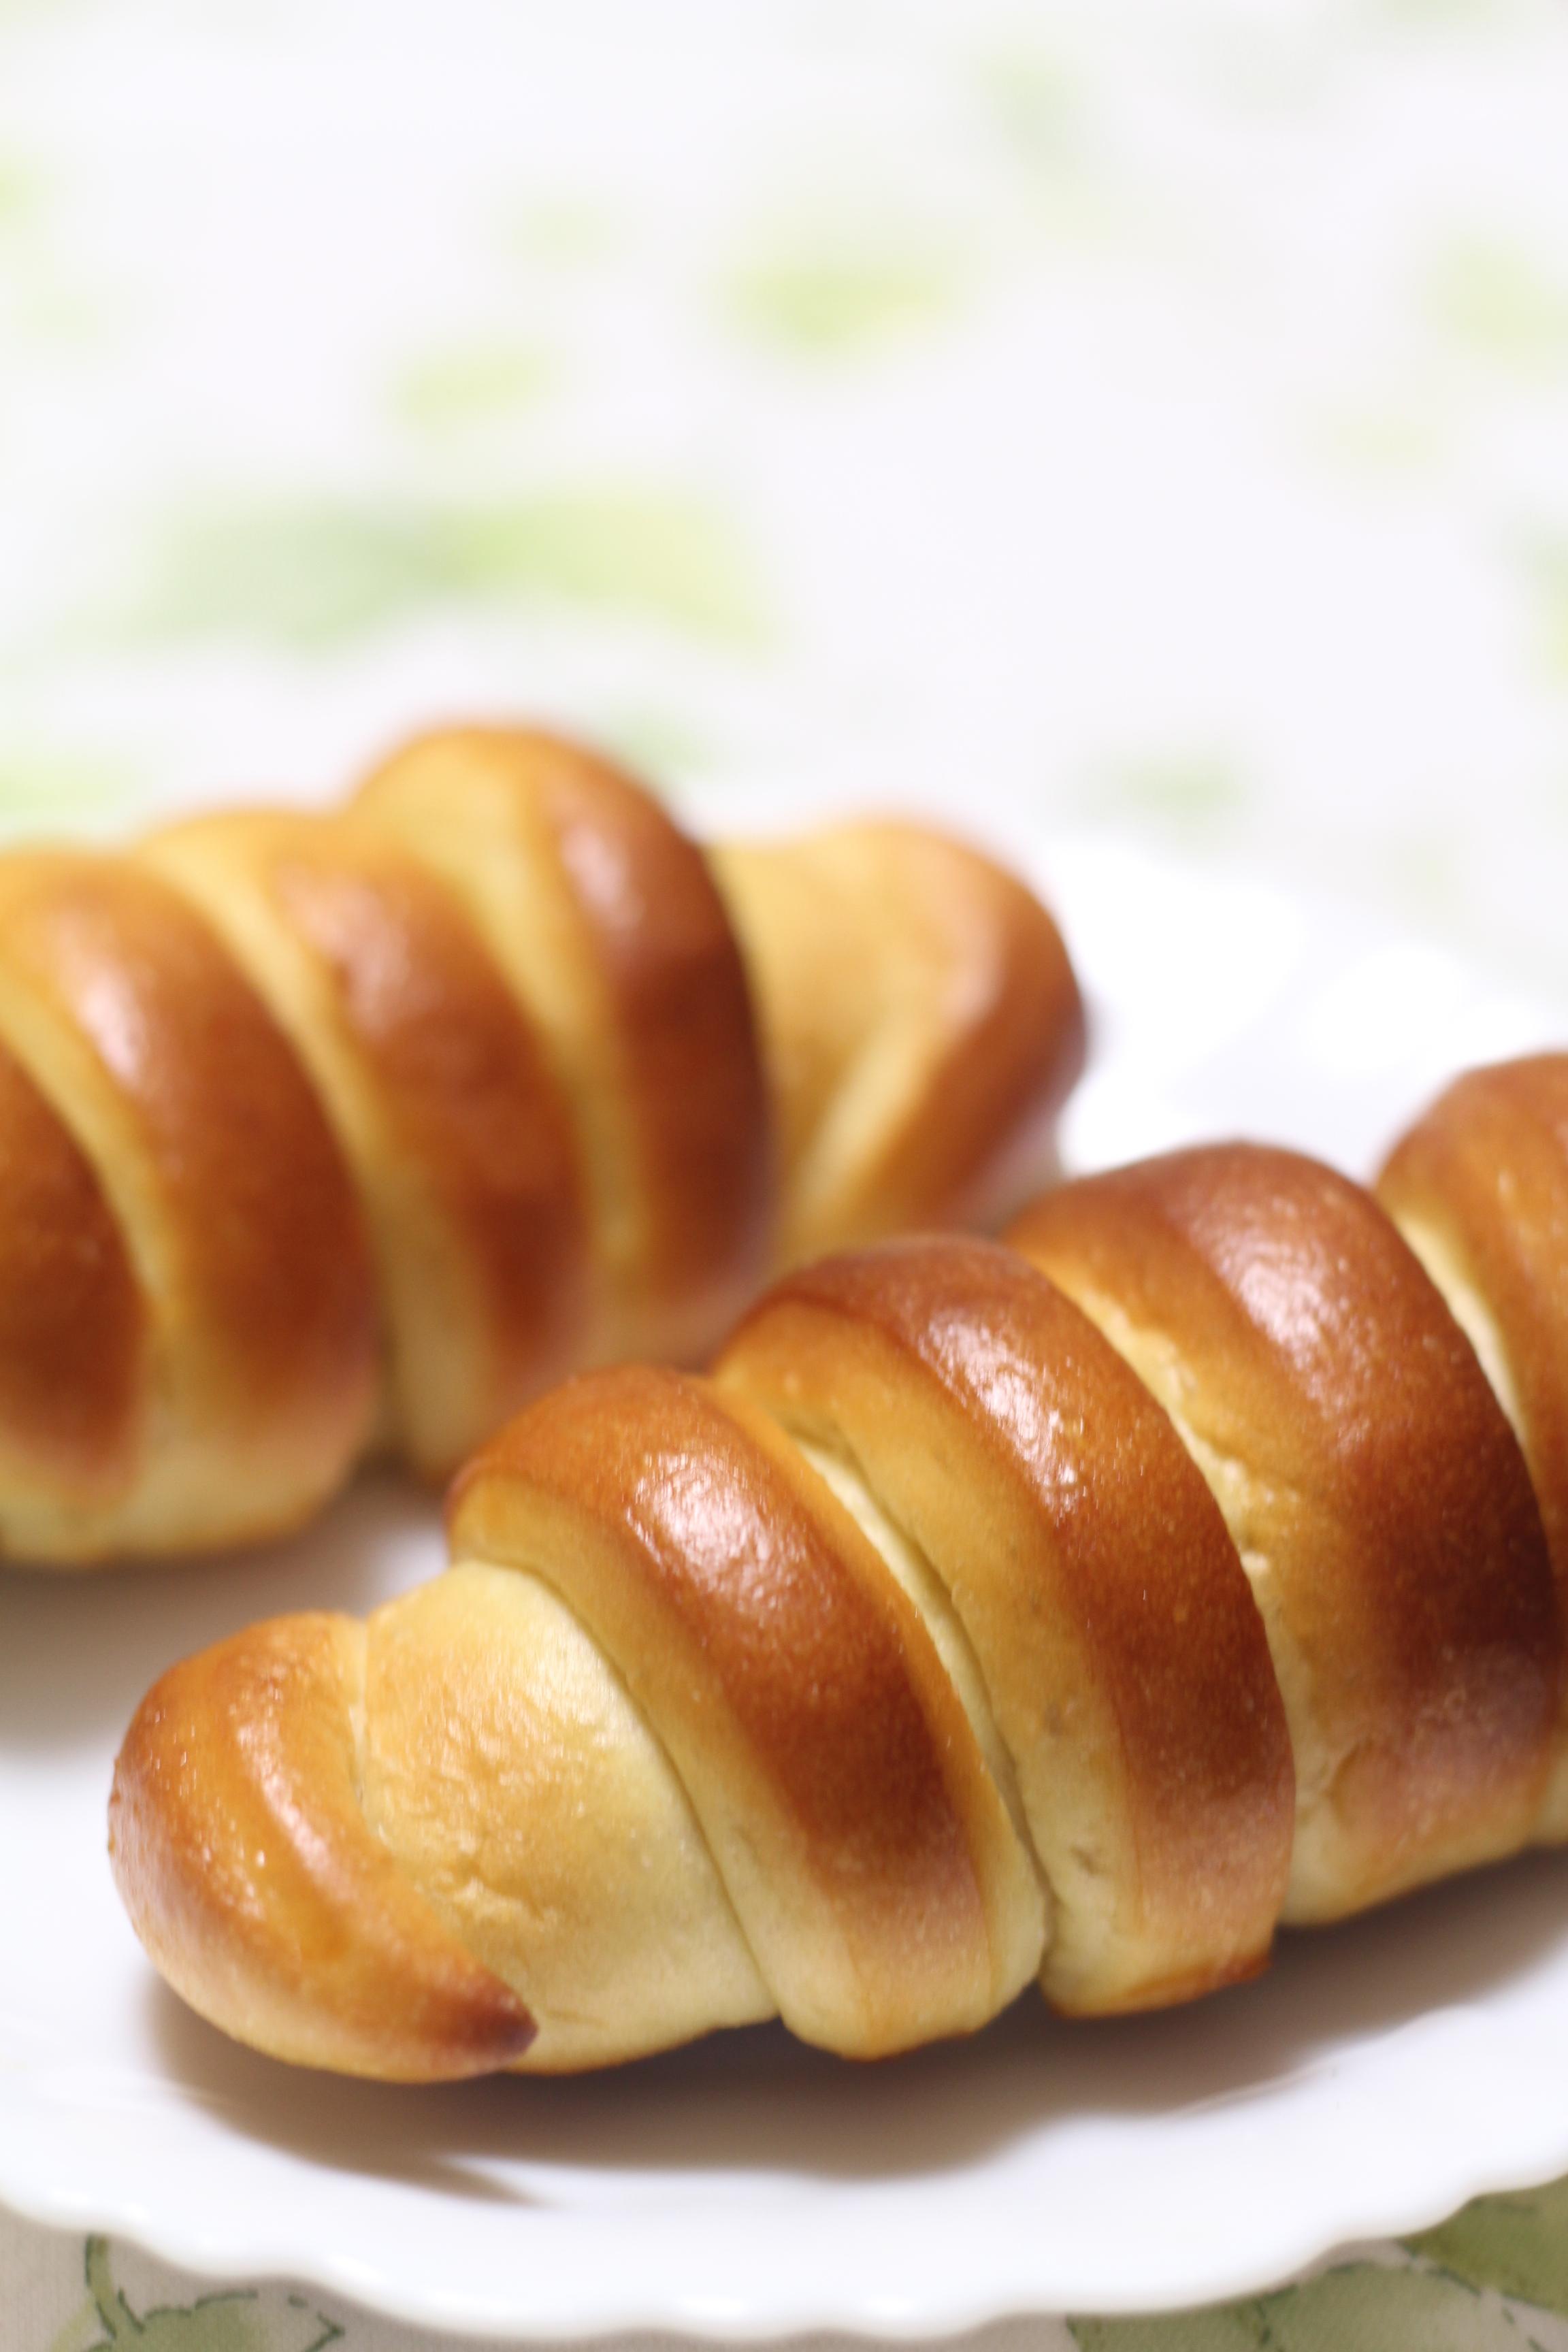 京都江部粉糖質制限・シフォンケーキのプライベートレッスン。a-ta-sante糖質制限パン・料理教室。阿倍野区西田辺。